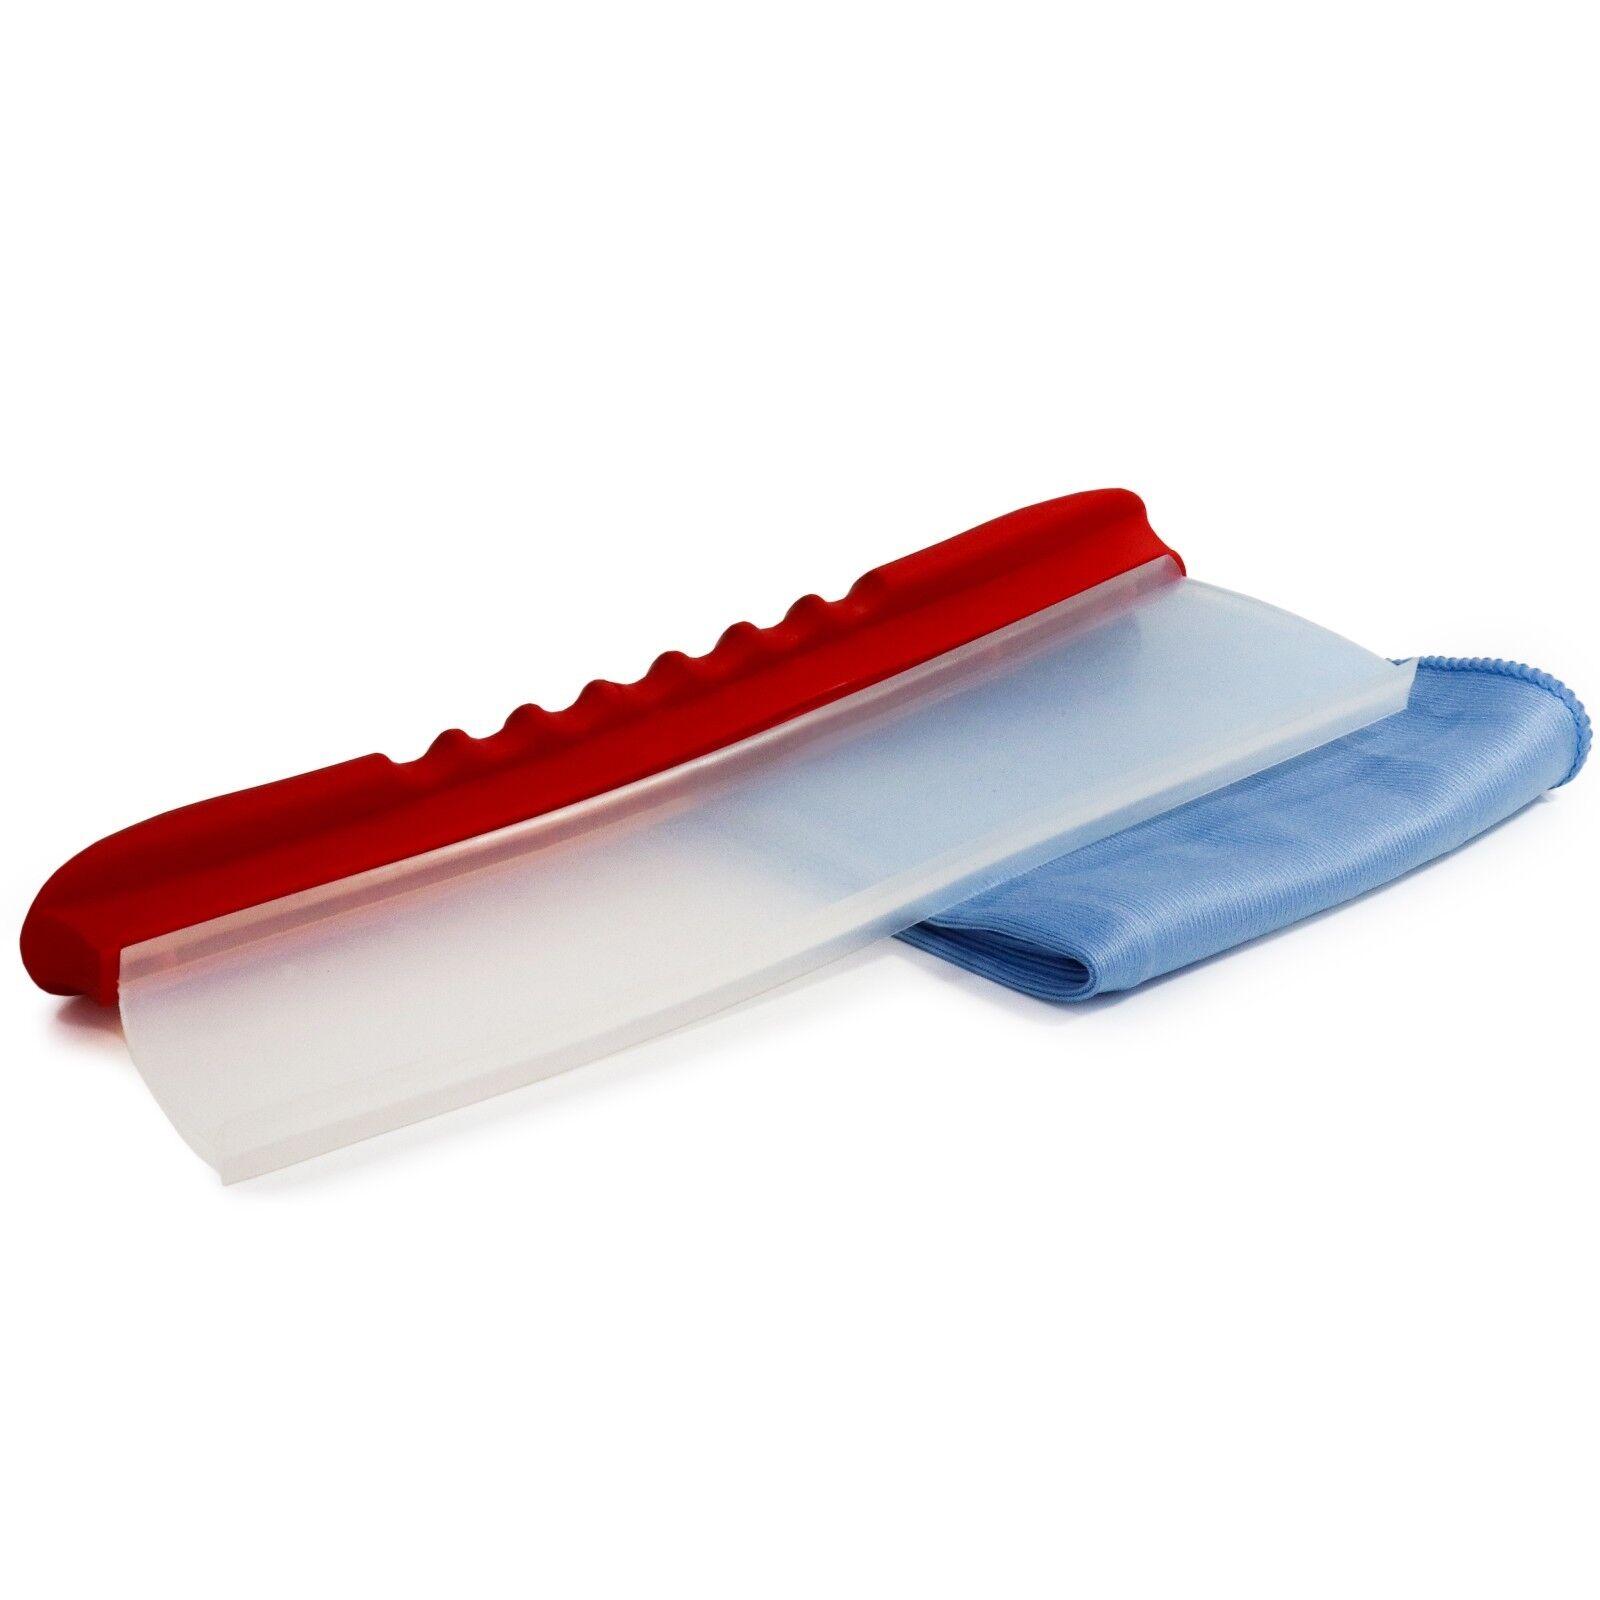 Wasserabzieher Silikonlippe Dry Blade Autowäsche InovaTec Flexi Blade Glastuch